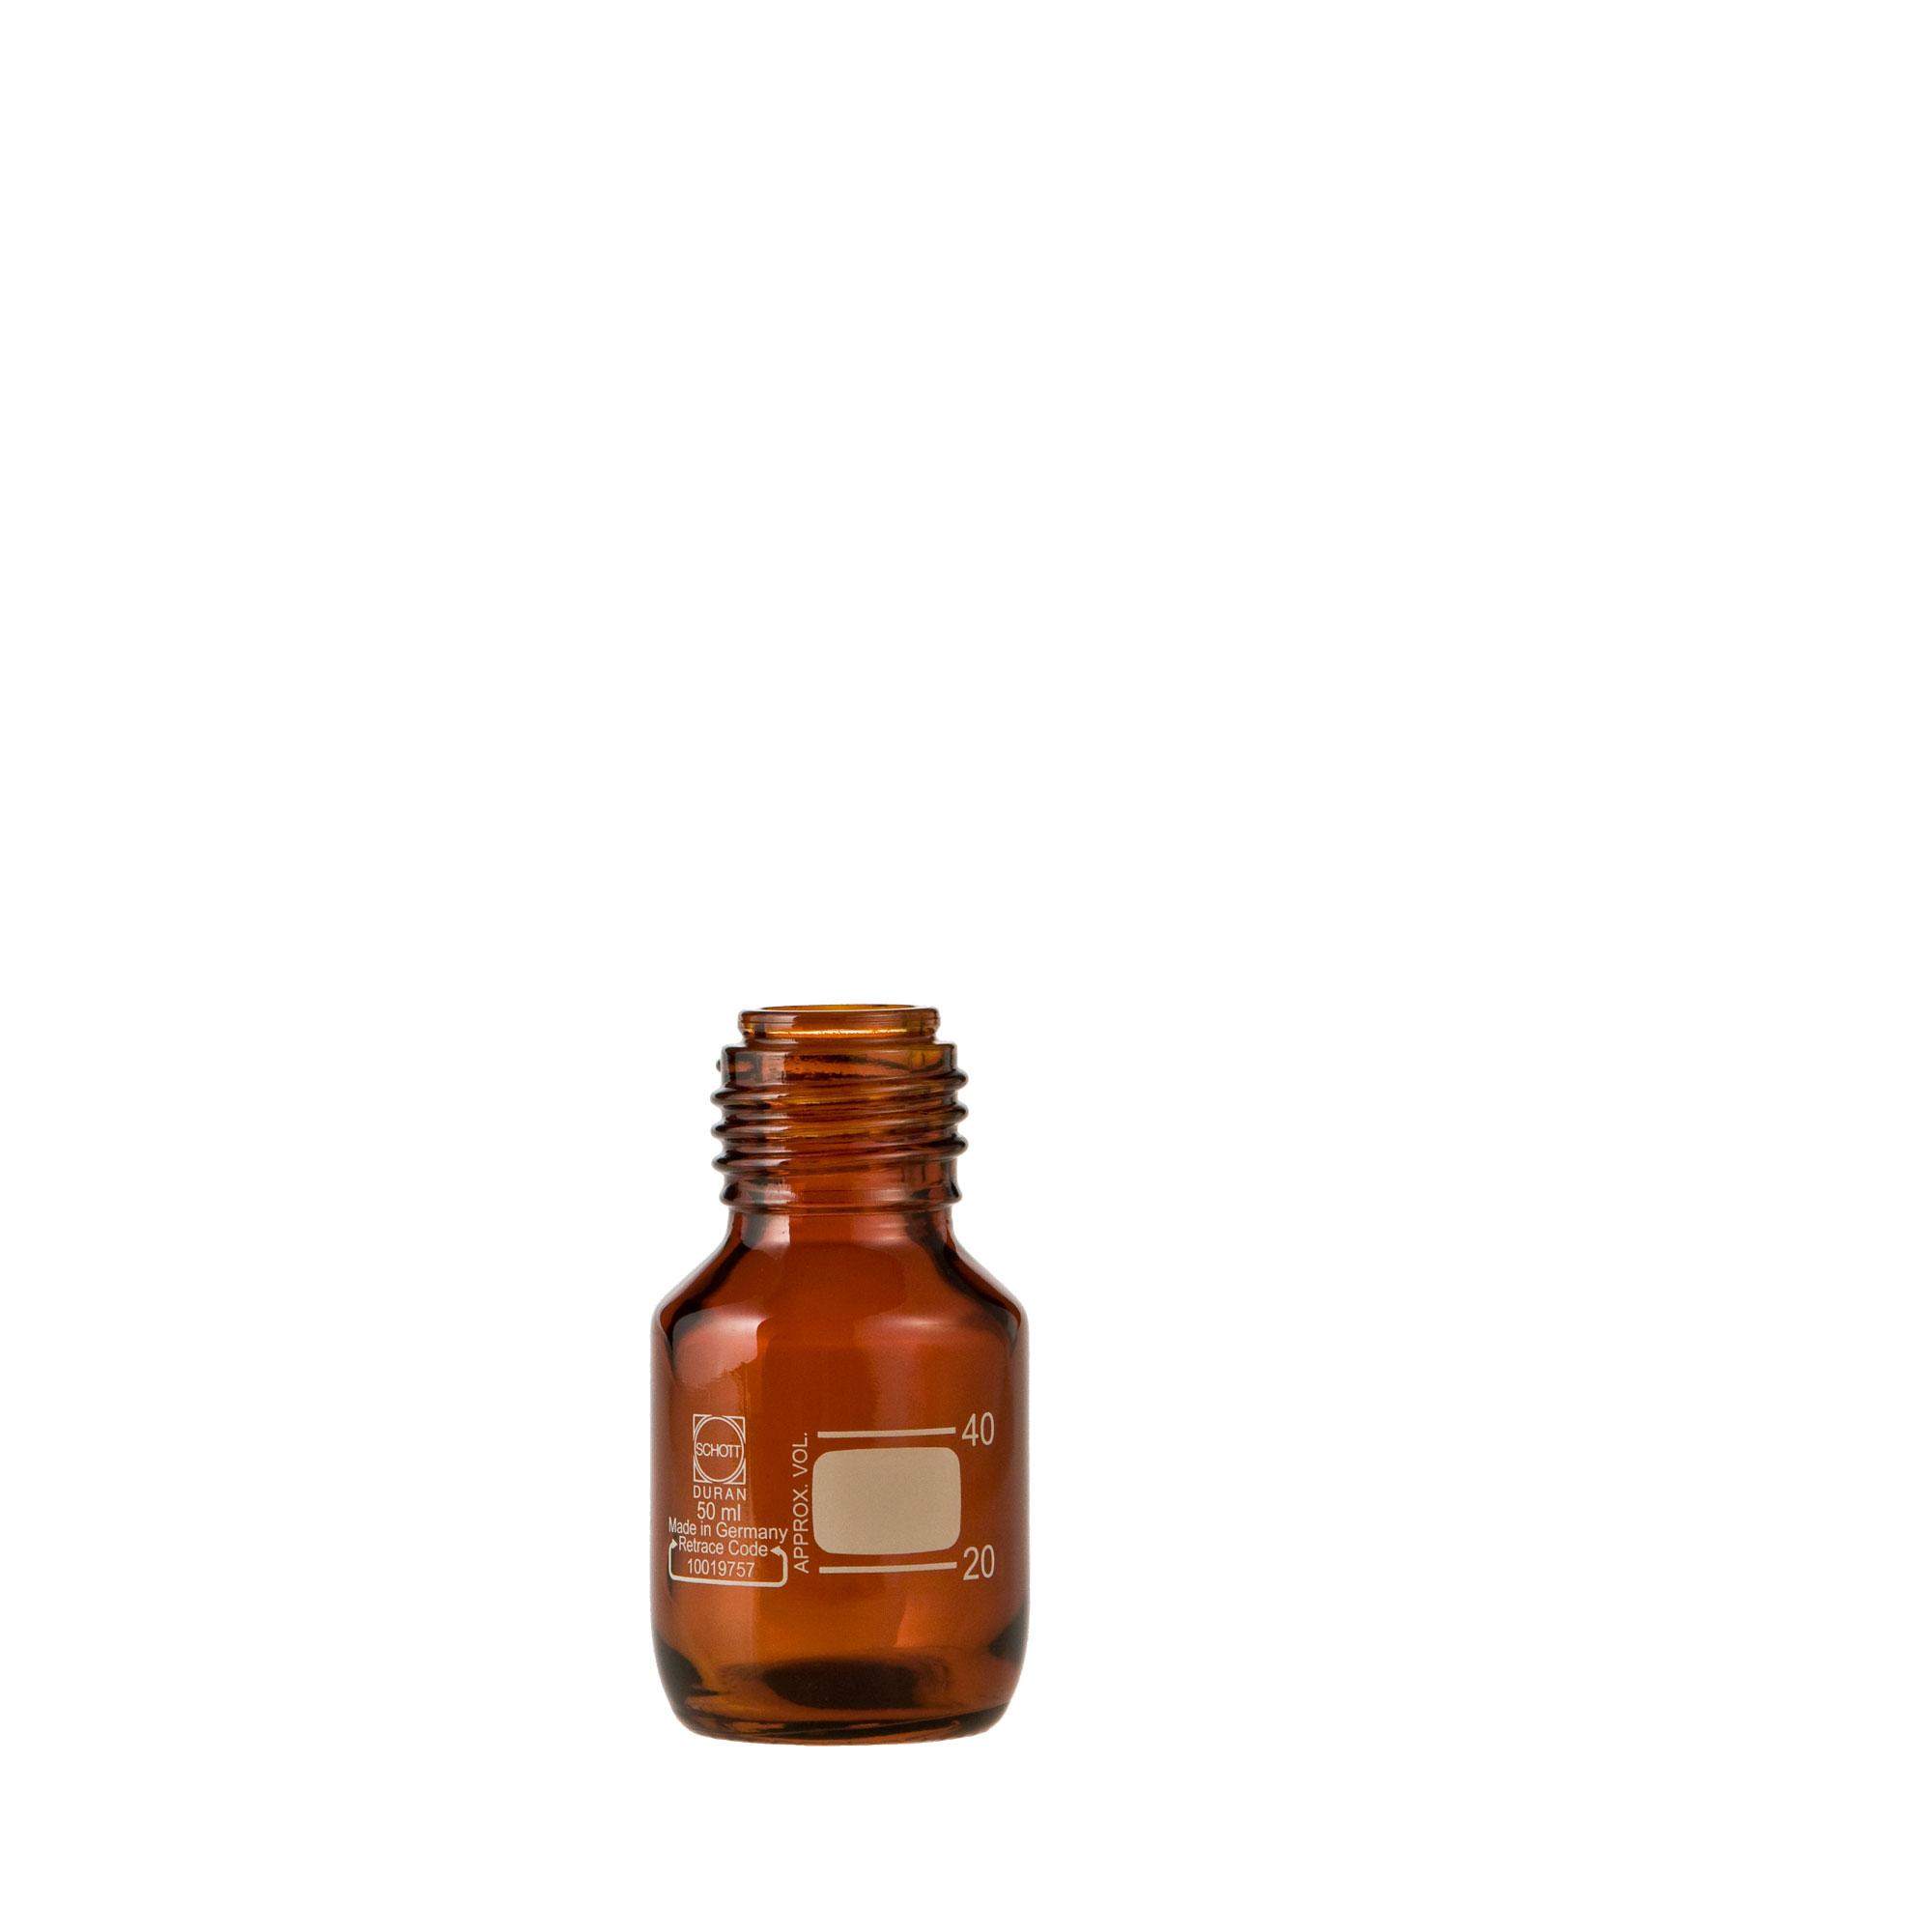 DURAN ねじ口びん(メジュームびん) 茶褐色 びんのみ 50mL GL-32(10個)